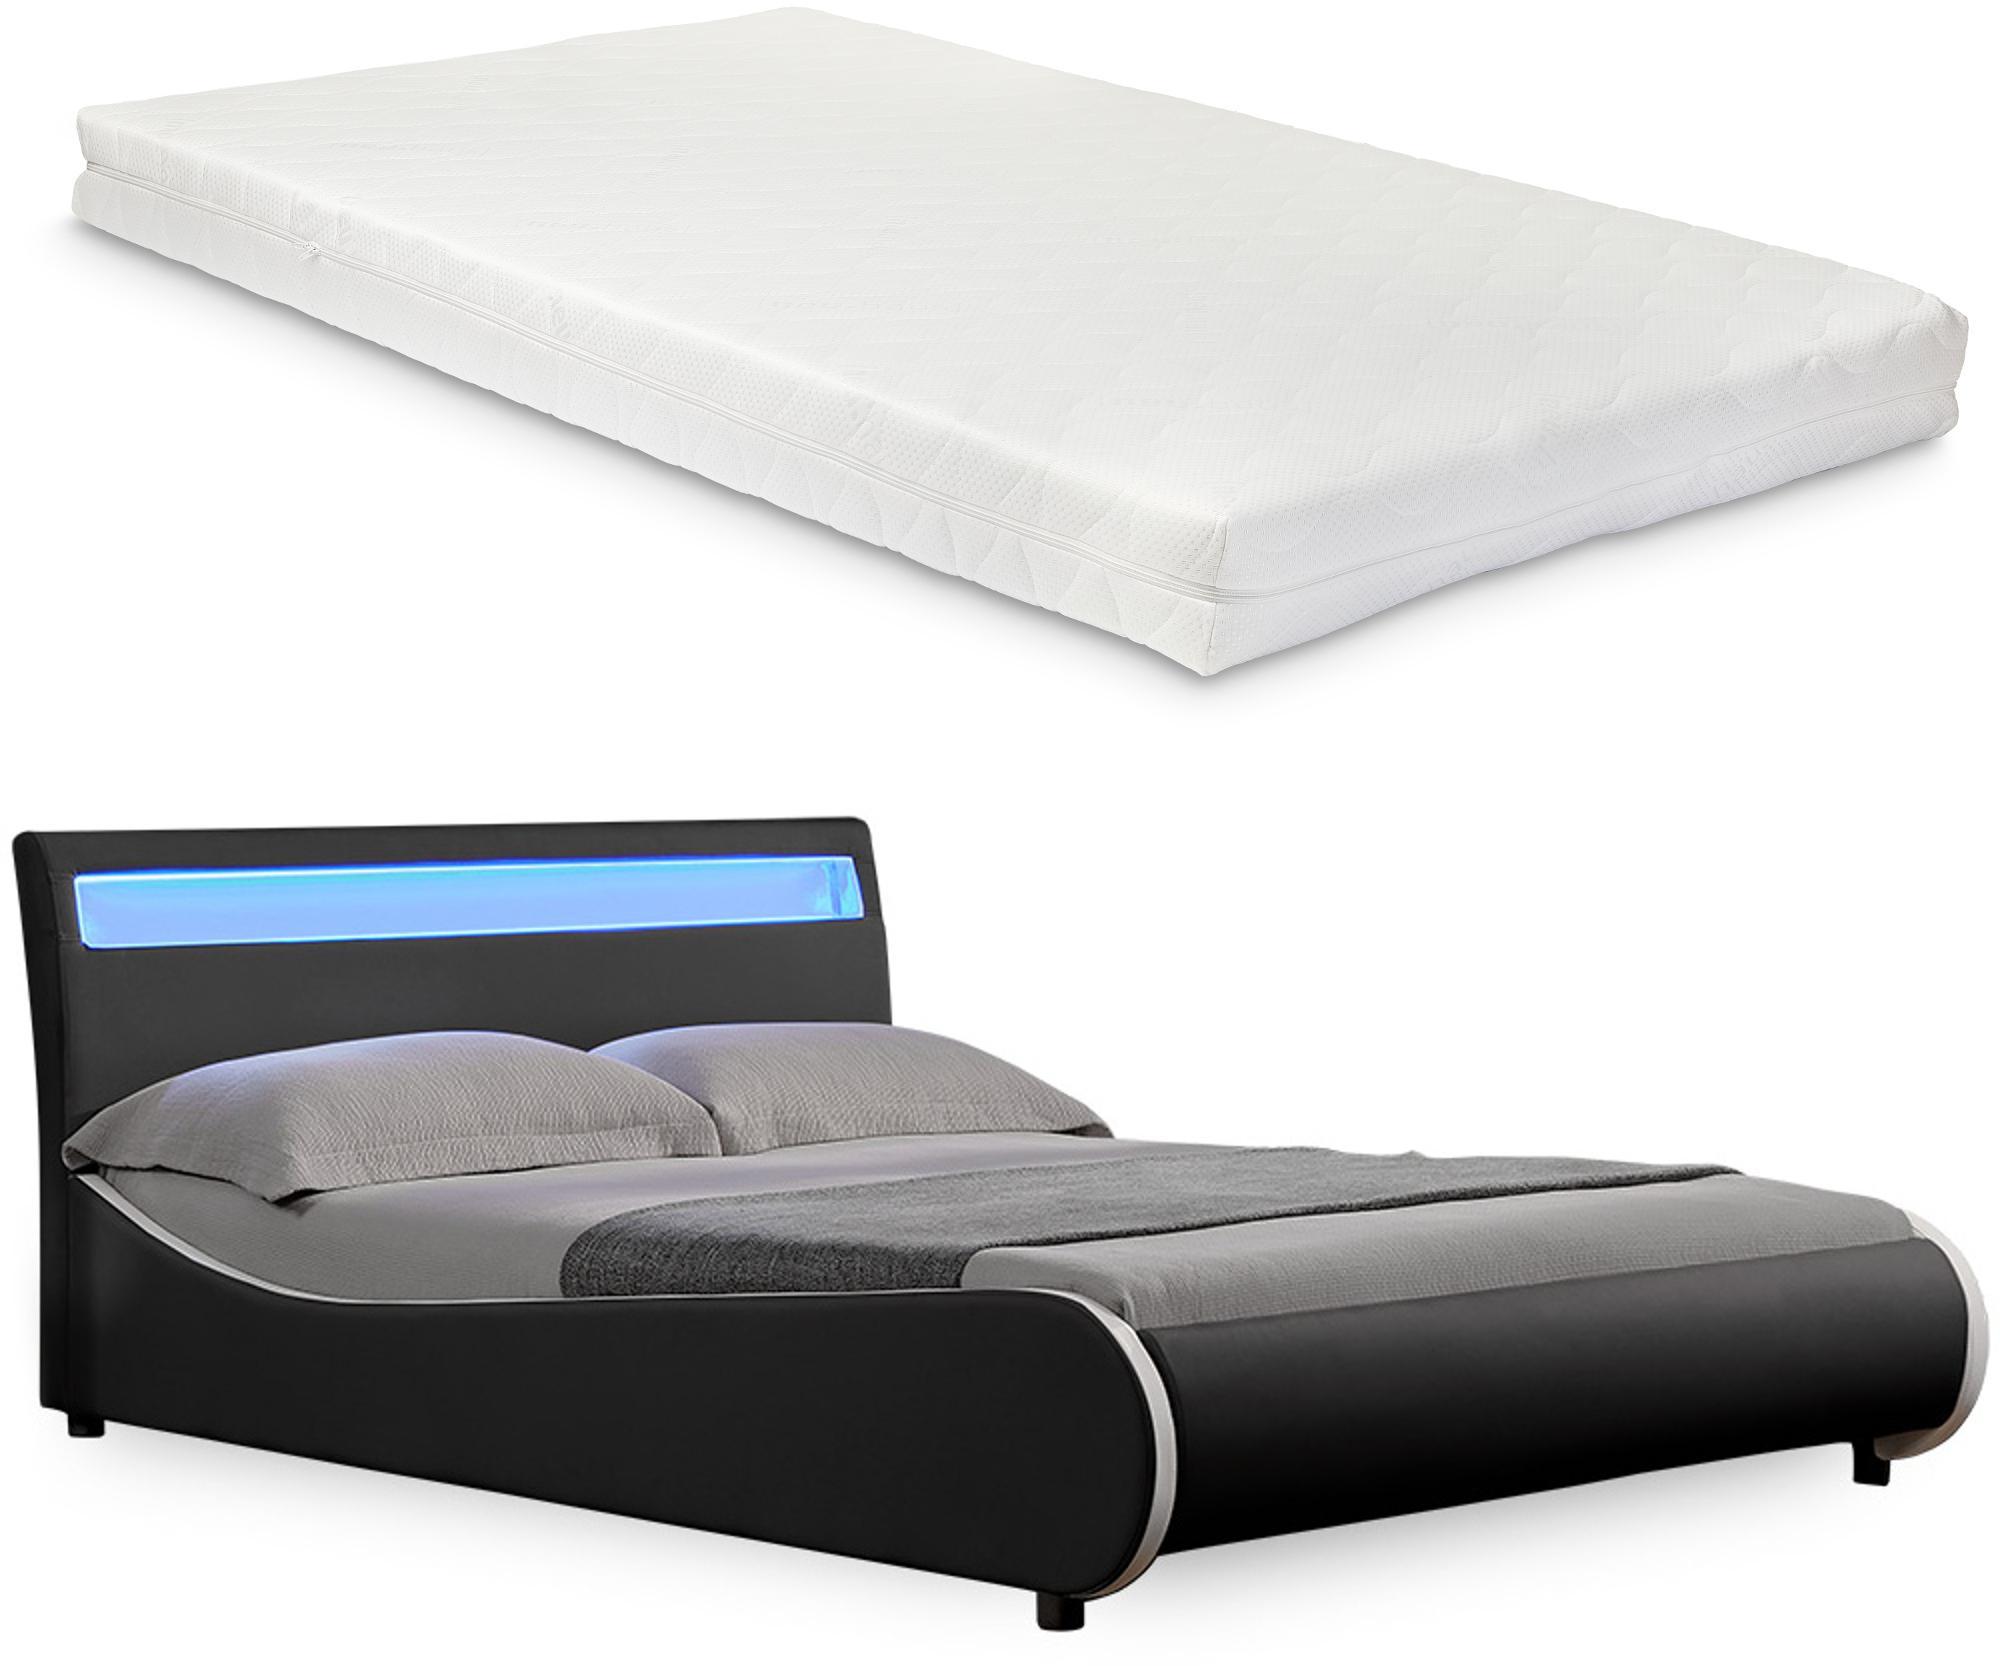 Corium® Moderná čalúnená posteľ 'Valencia' s matracom - čierna - 200 x 140 cm